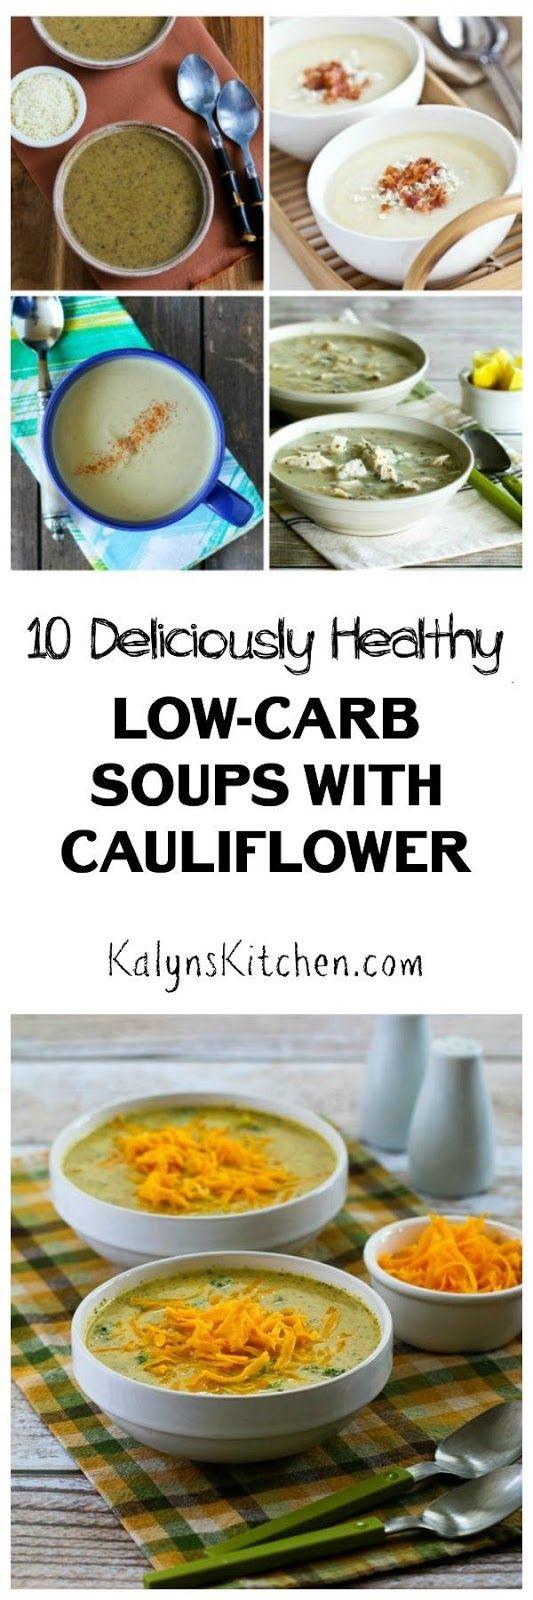 10 Delicious Low-Car